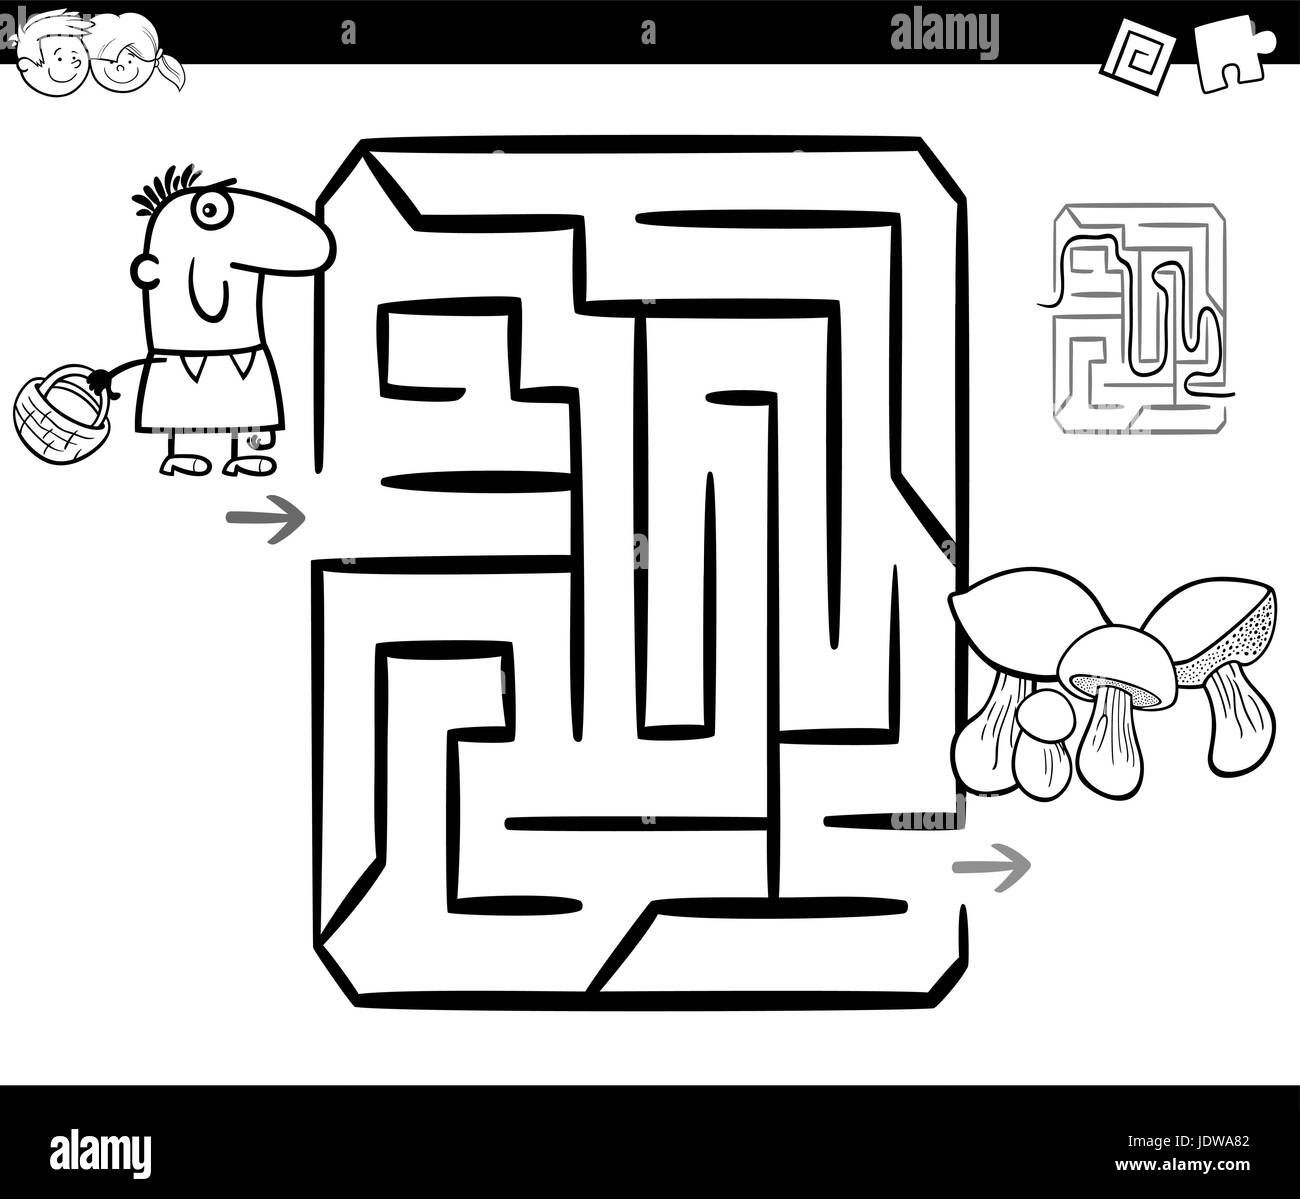 Fantastisch Gefrorene Labyrinth Malvorlagen Galerie - Malvorlagen ...